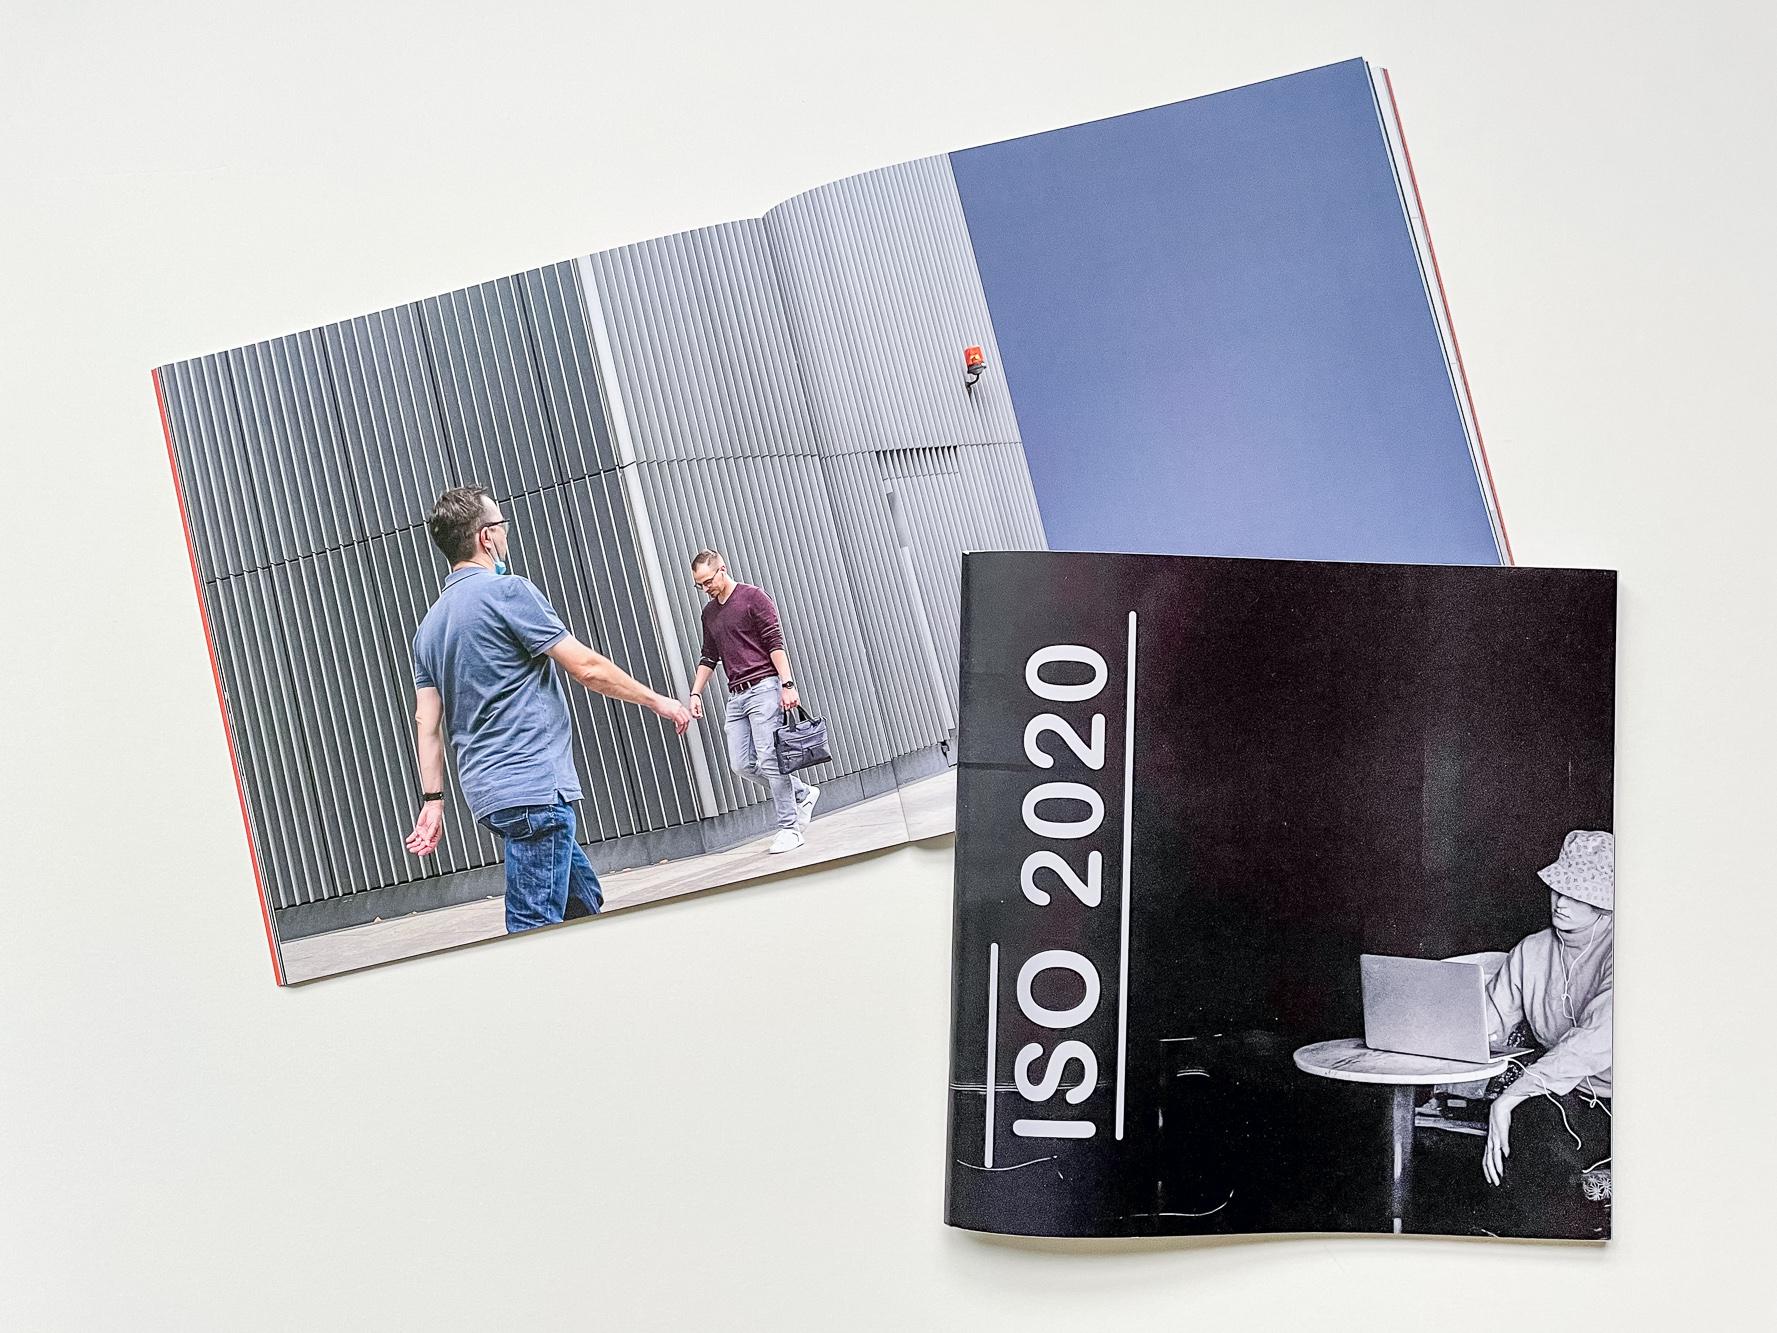 querformat-fotografie - Achim Katzberg - Triple A+ bei querformat-fotografie - querformat-fotografie_Iso2020-001